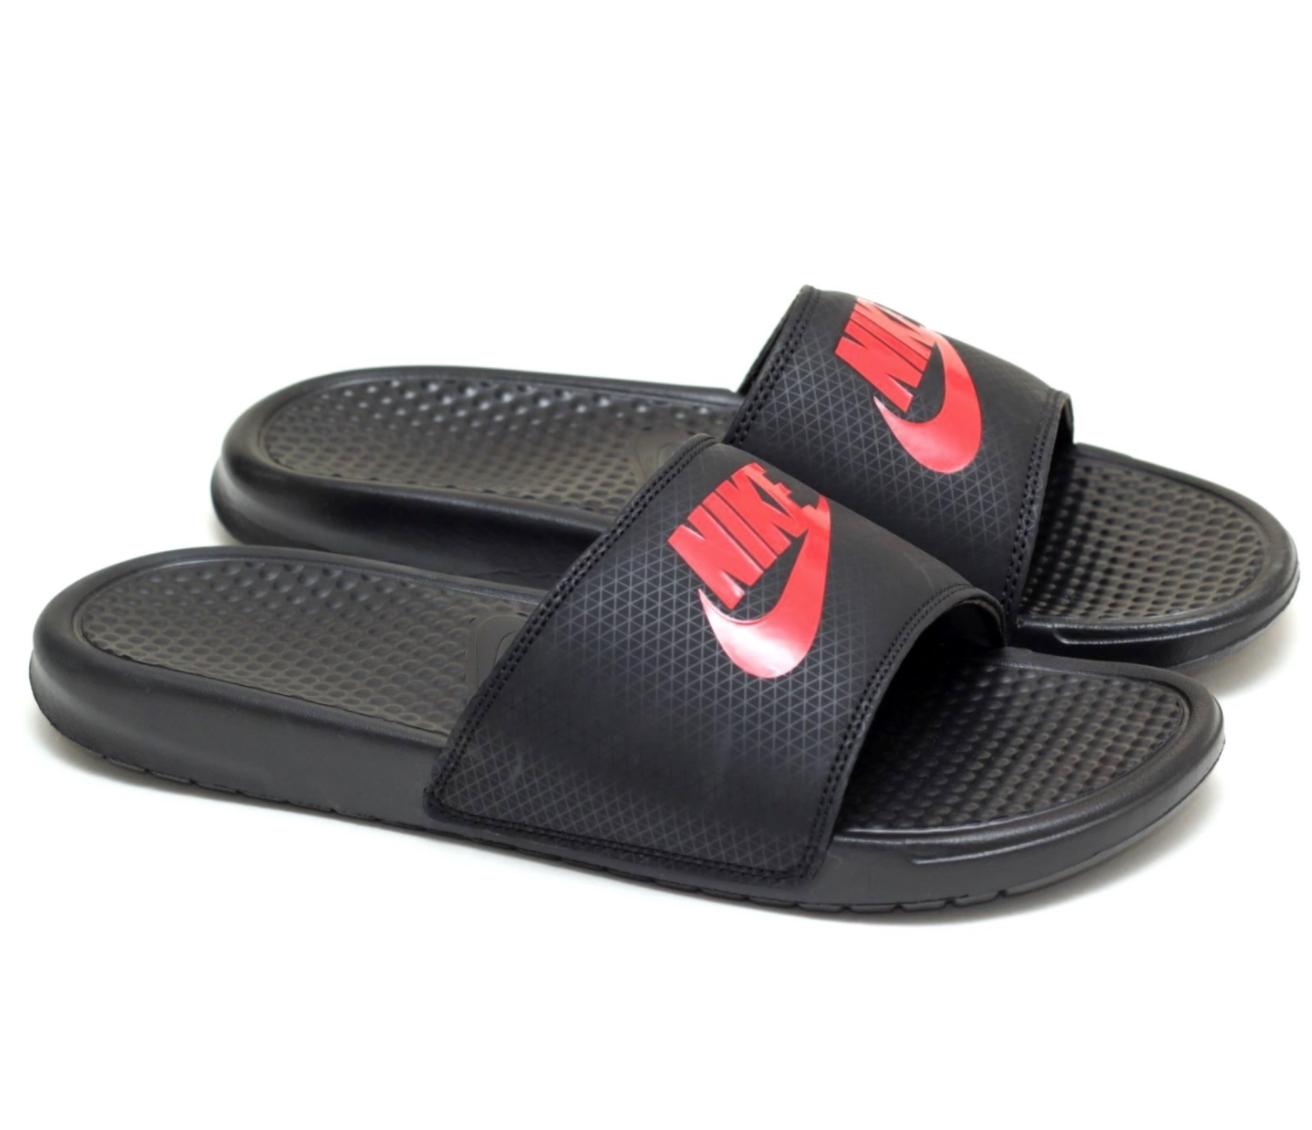 b3d835b7b22fd promo code nike sport sandals mens fc938 f500d